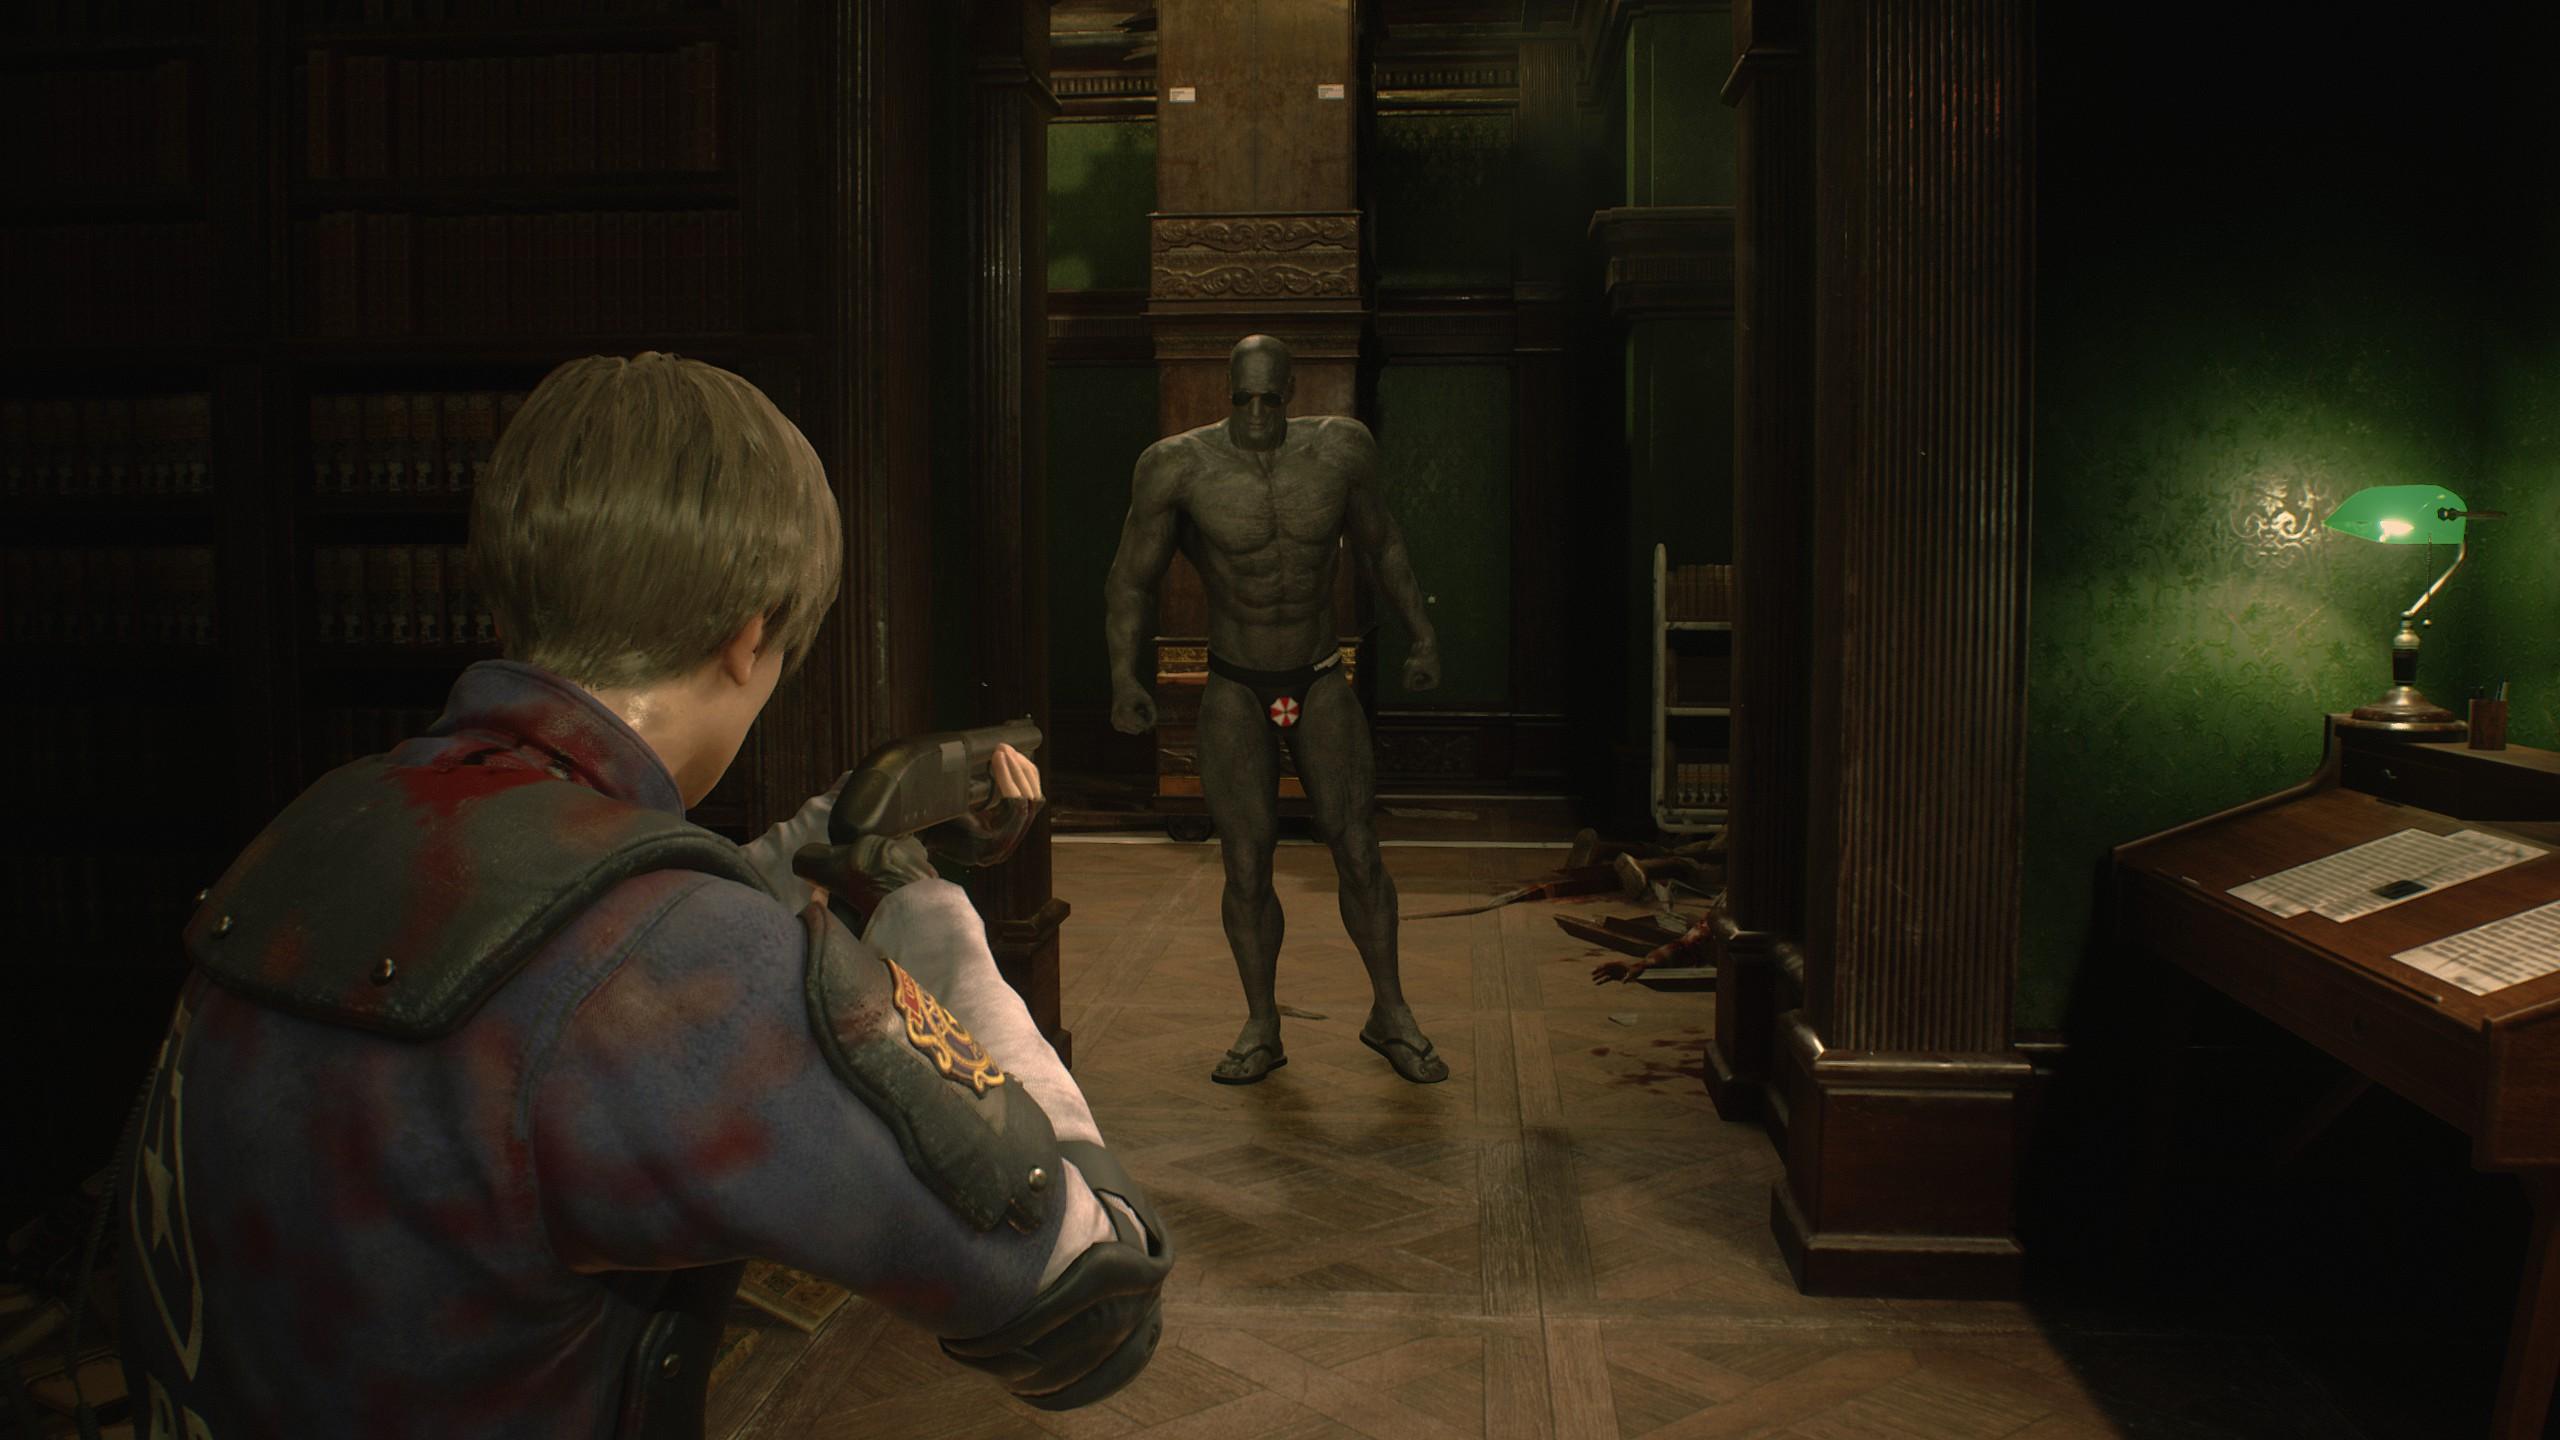 Beachboy X Mod - Resident Evil 2 Remake Mods | GameWatcher